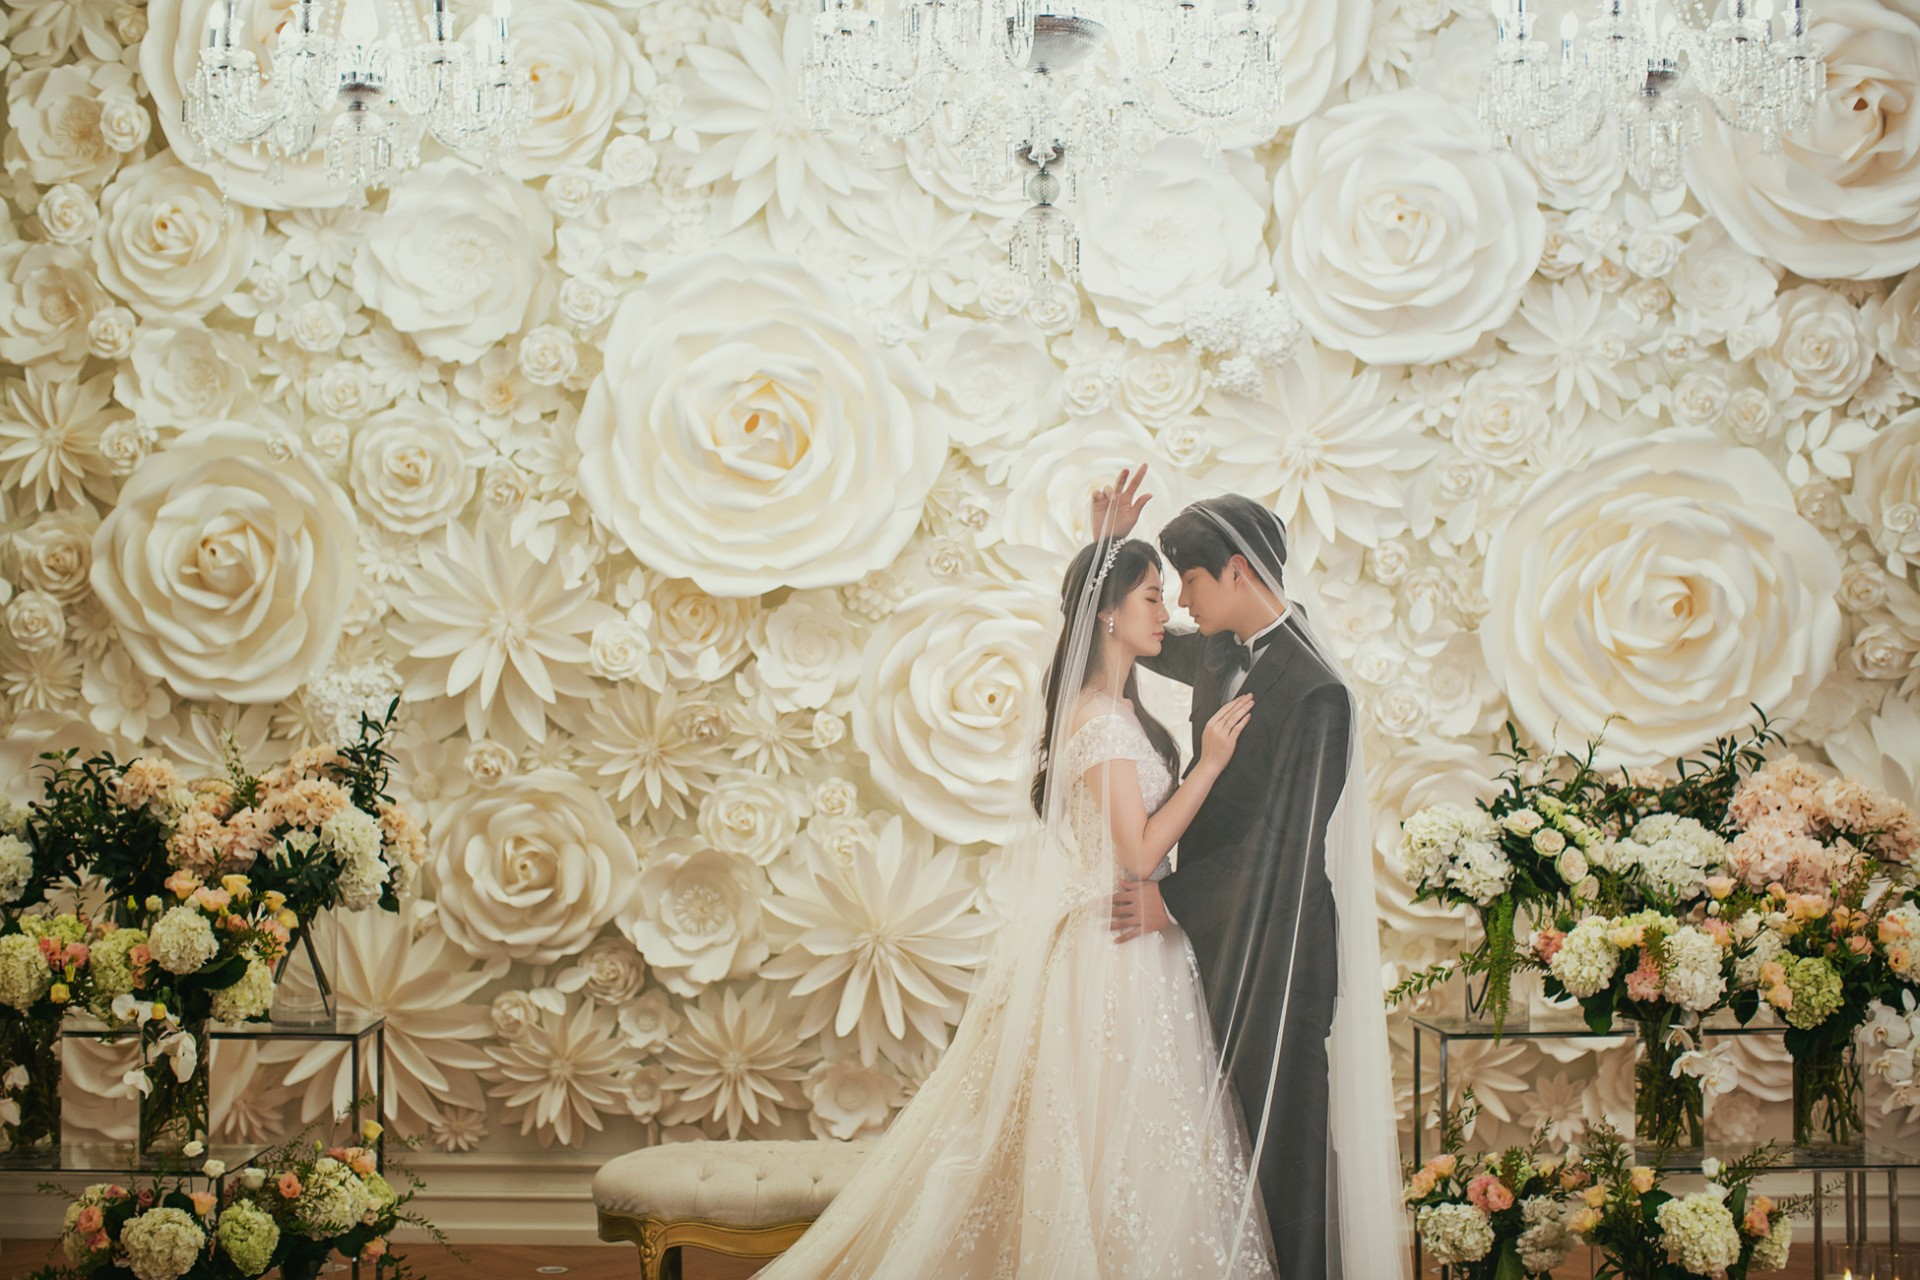 https://www.iwedding.co.kr/center/website/ihall_img/1235464667/1235464667_img_178_1_1575537019.jpg